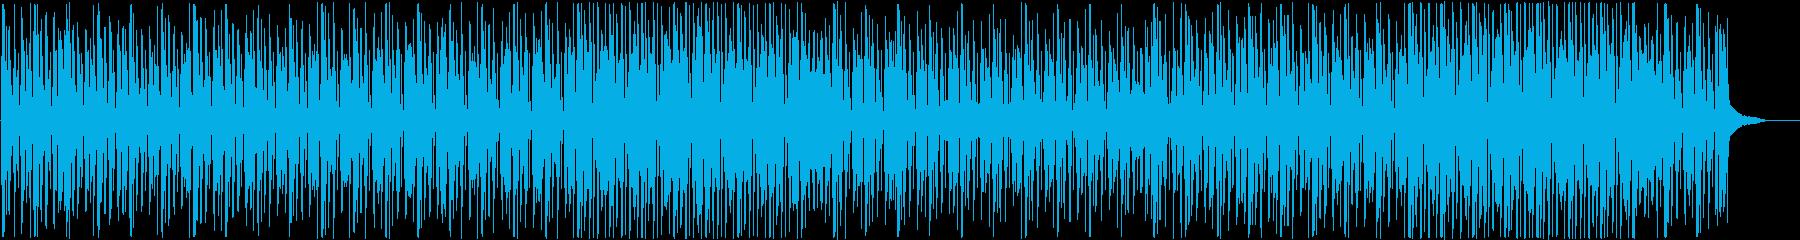 【メロ無】ウクレレ、ファミリー、キャンプの再生済みの波形